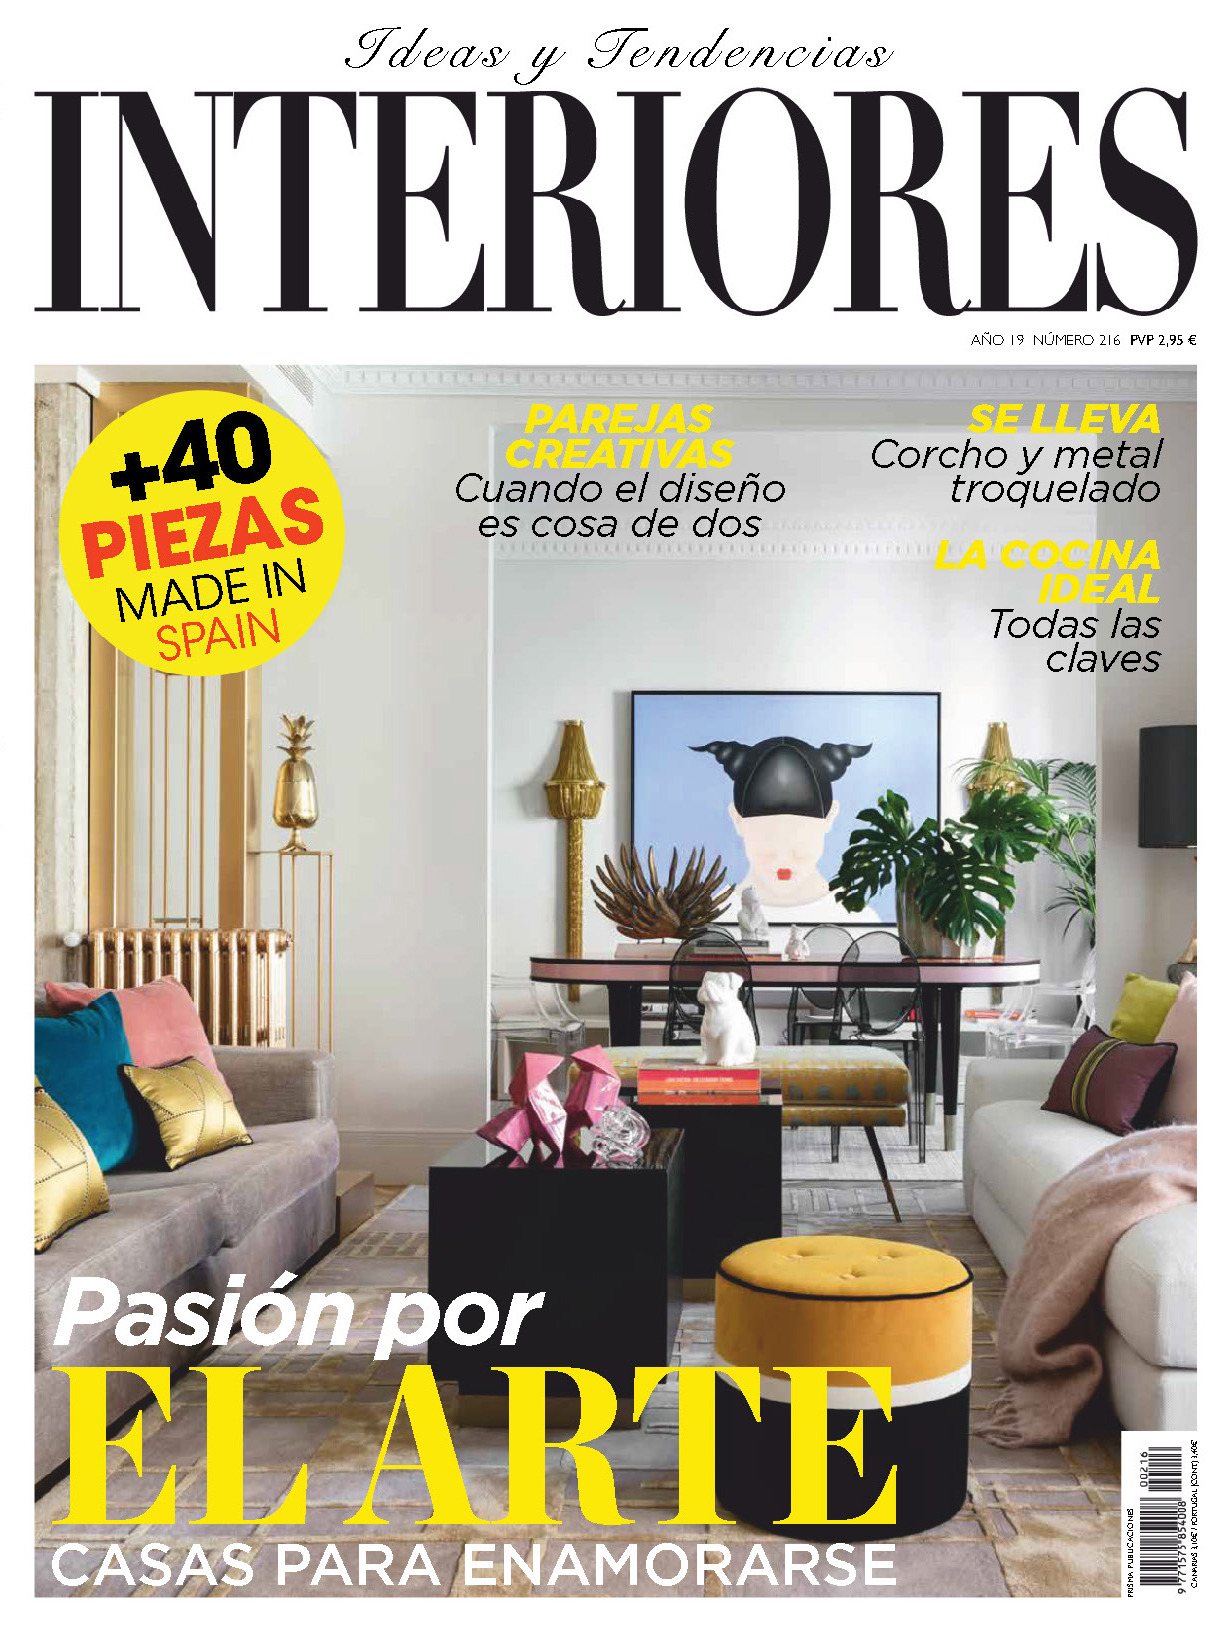 《Interiores》西班牙室内时尚杂志2019年01月号